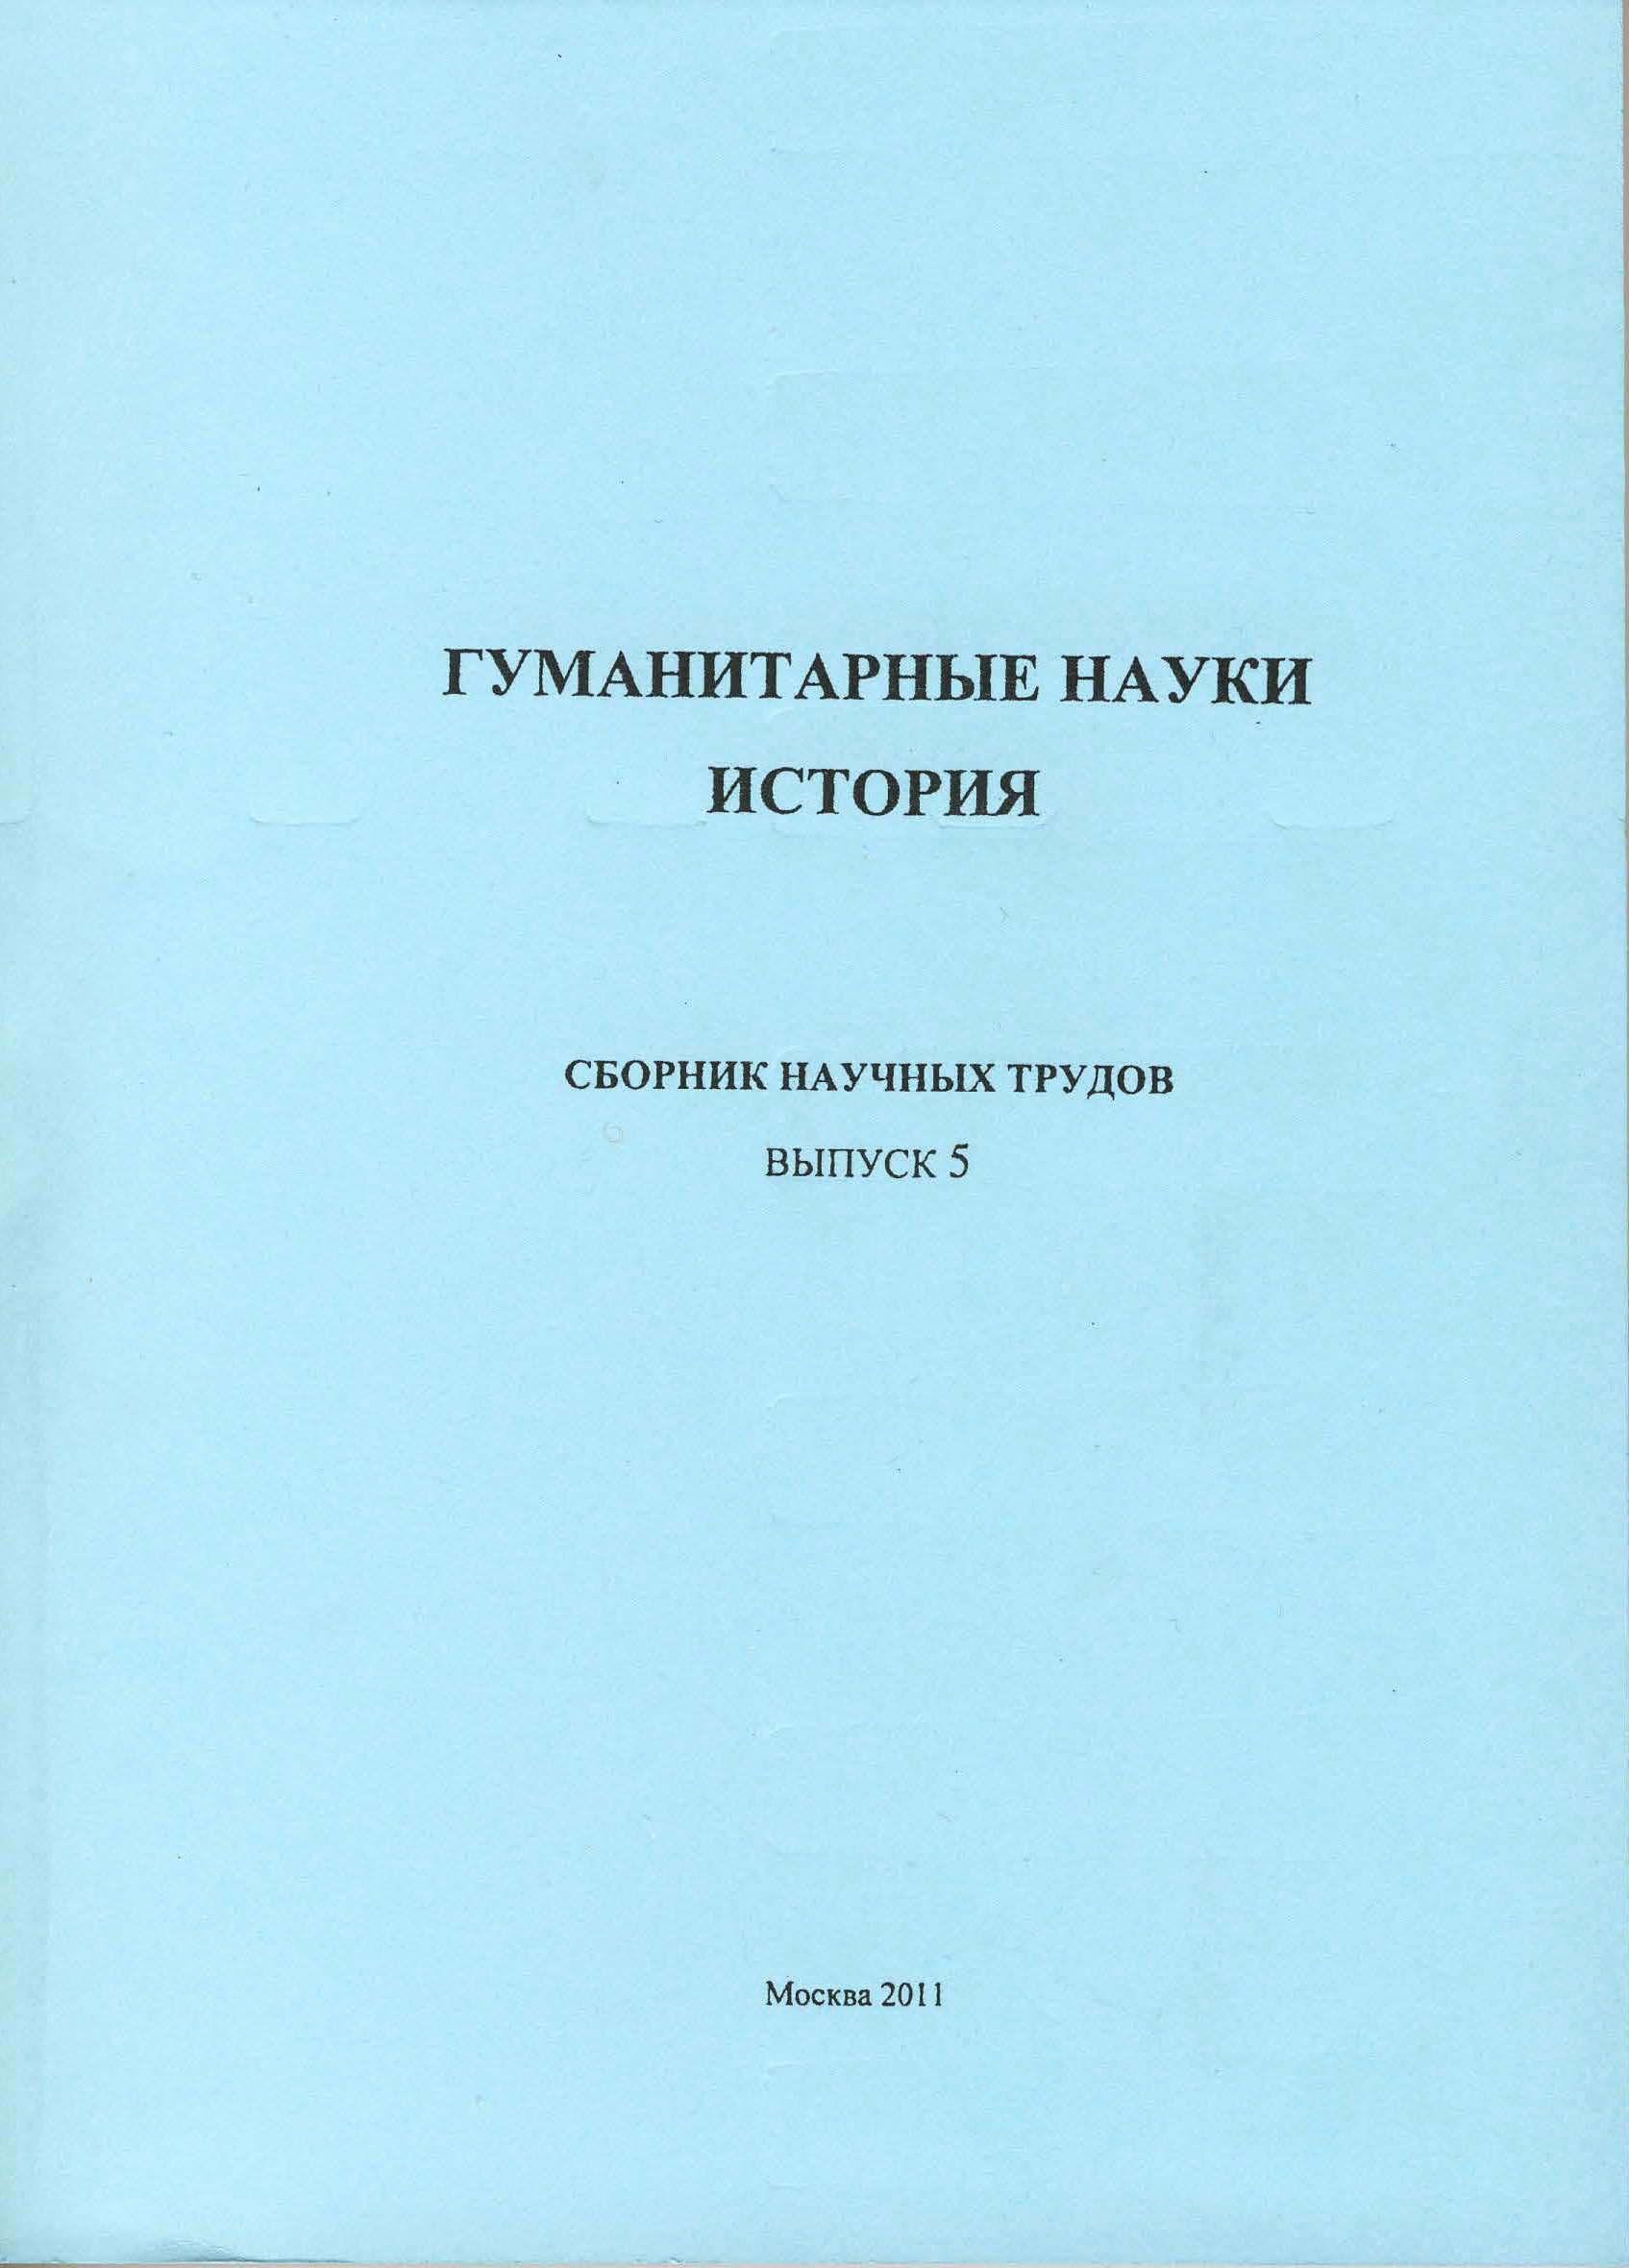 Гуманитарные науки. История. Сборник научных трудов